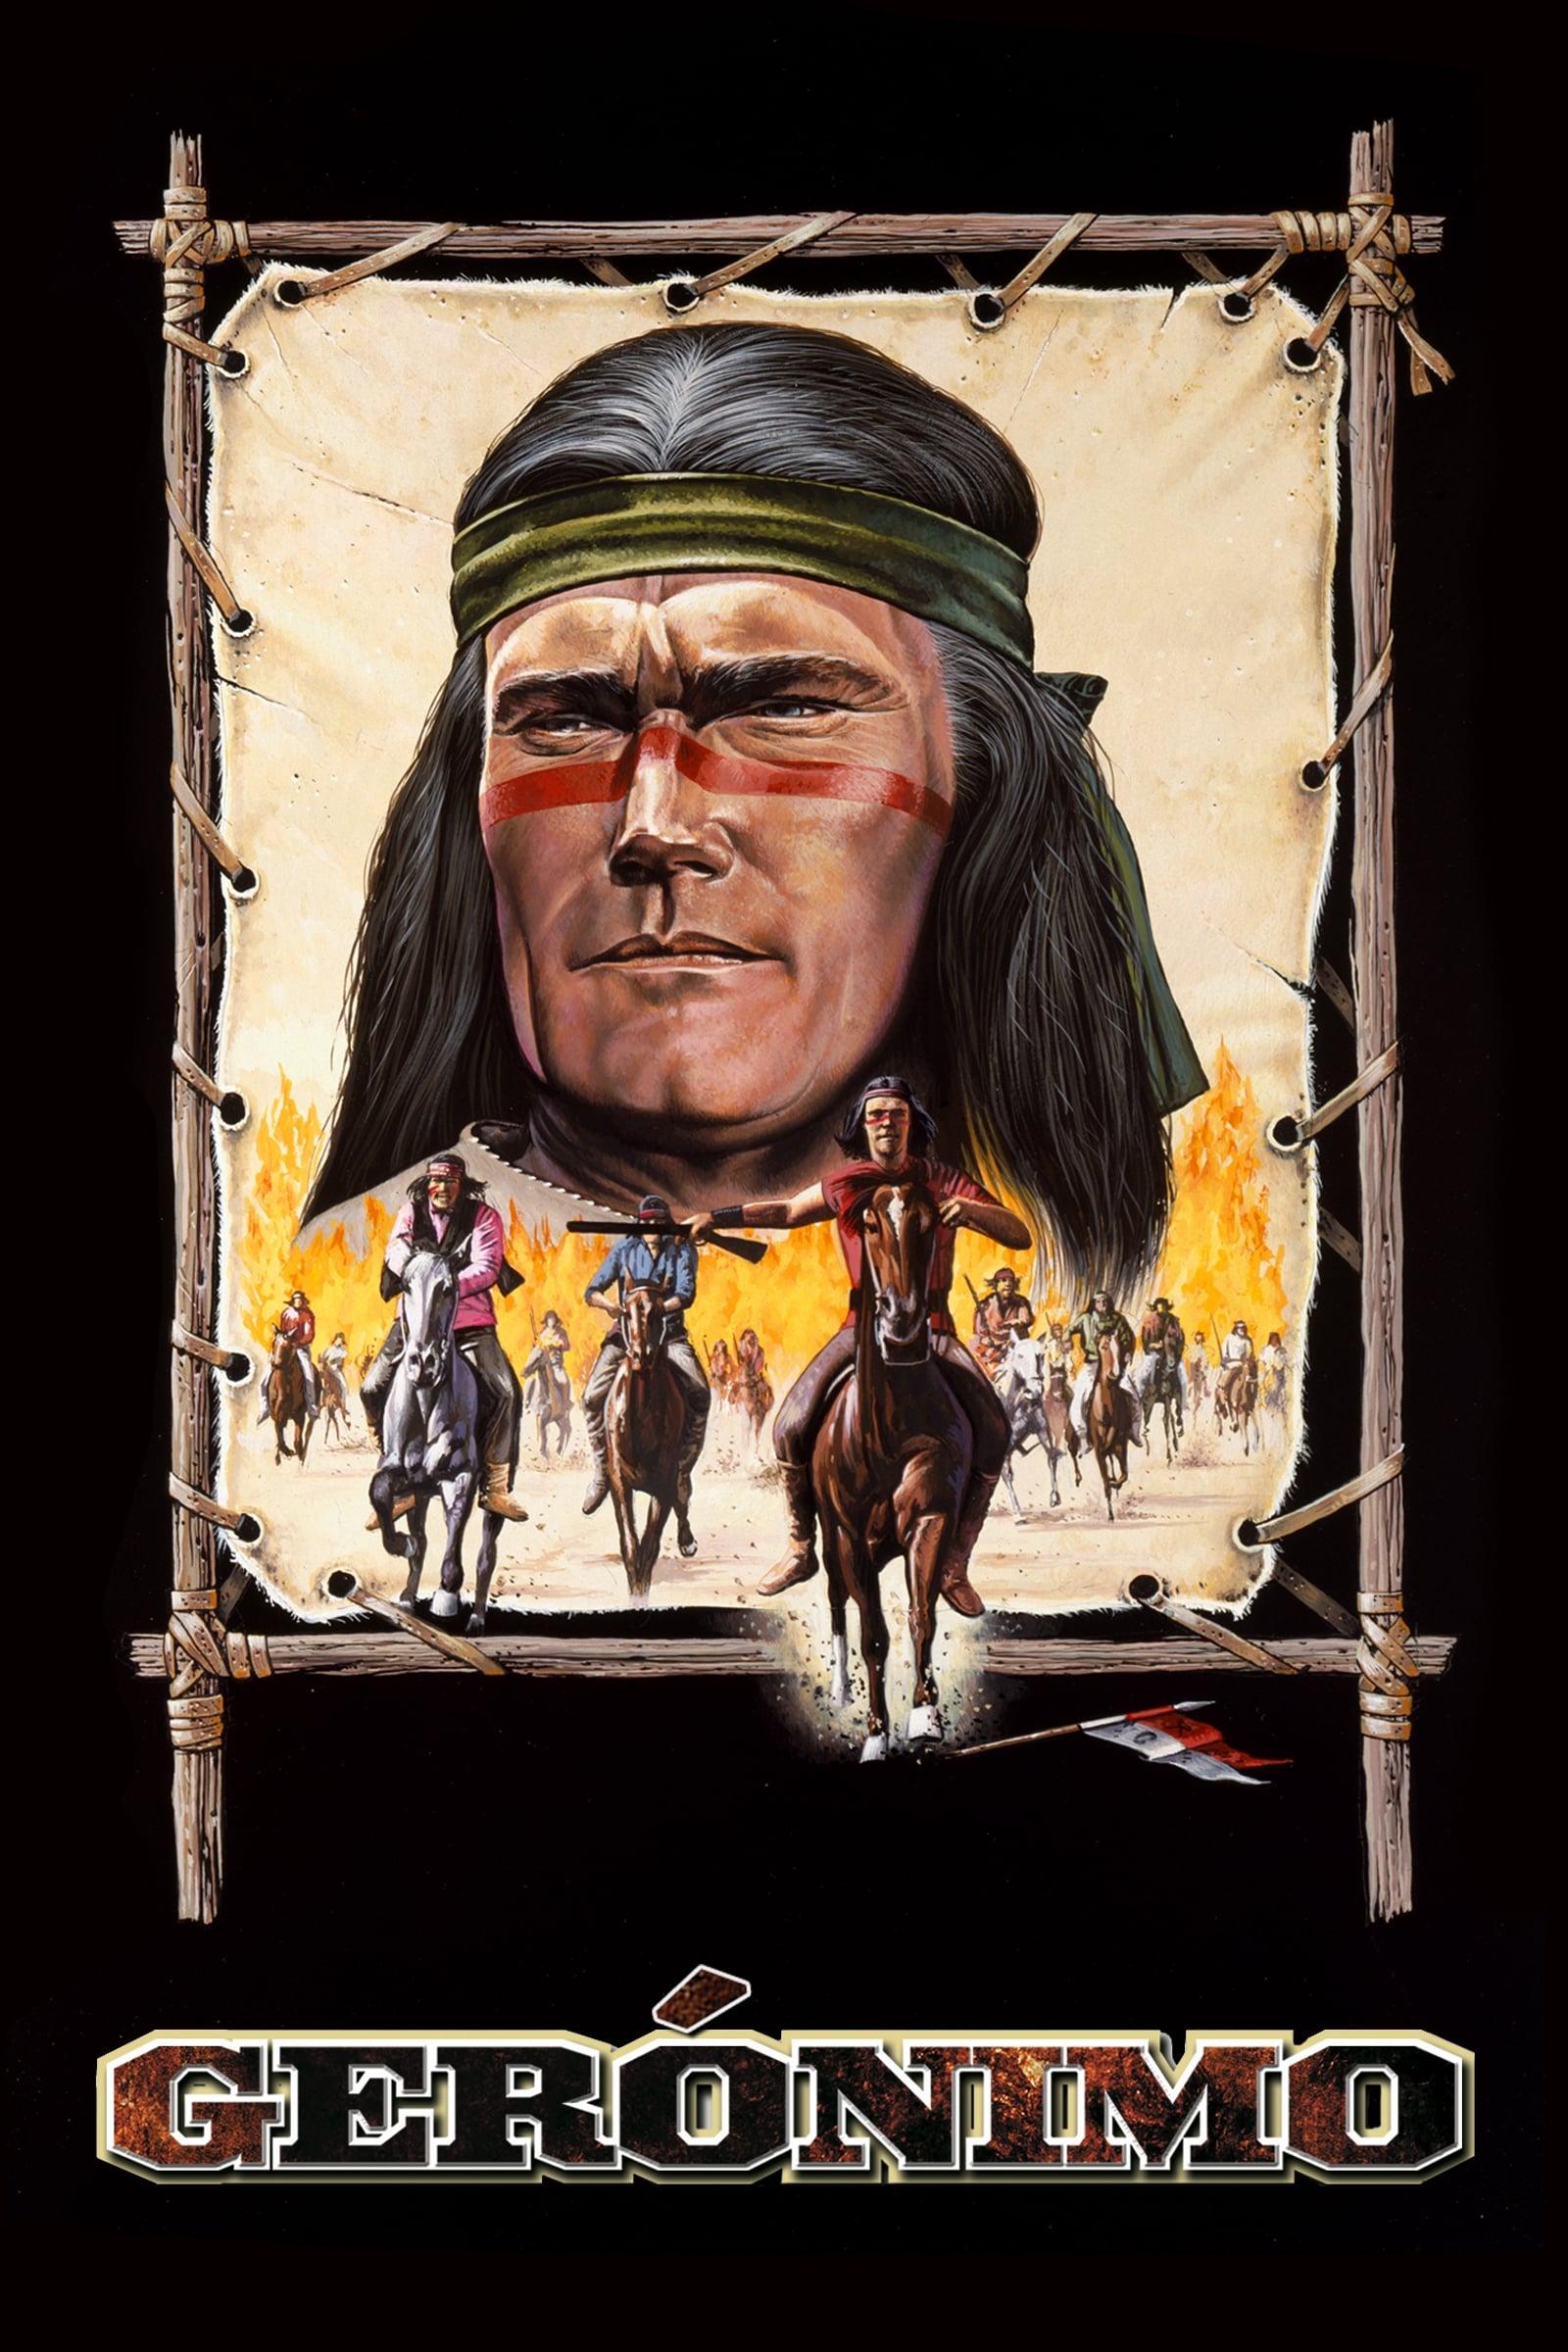 Geronimo (1970)